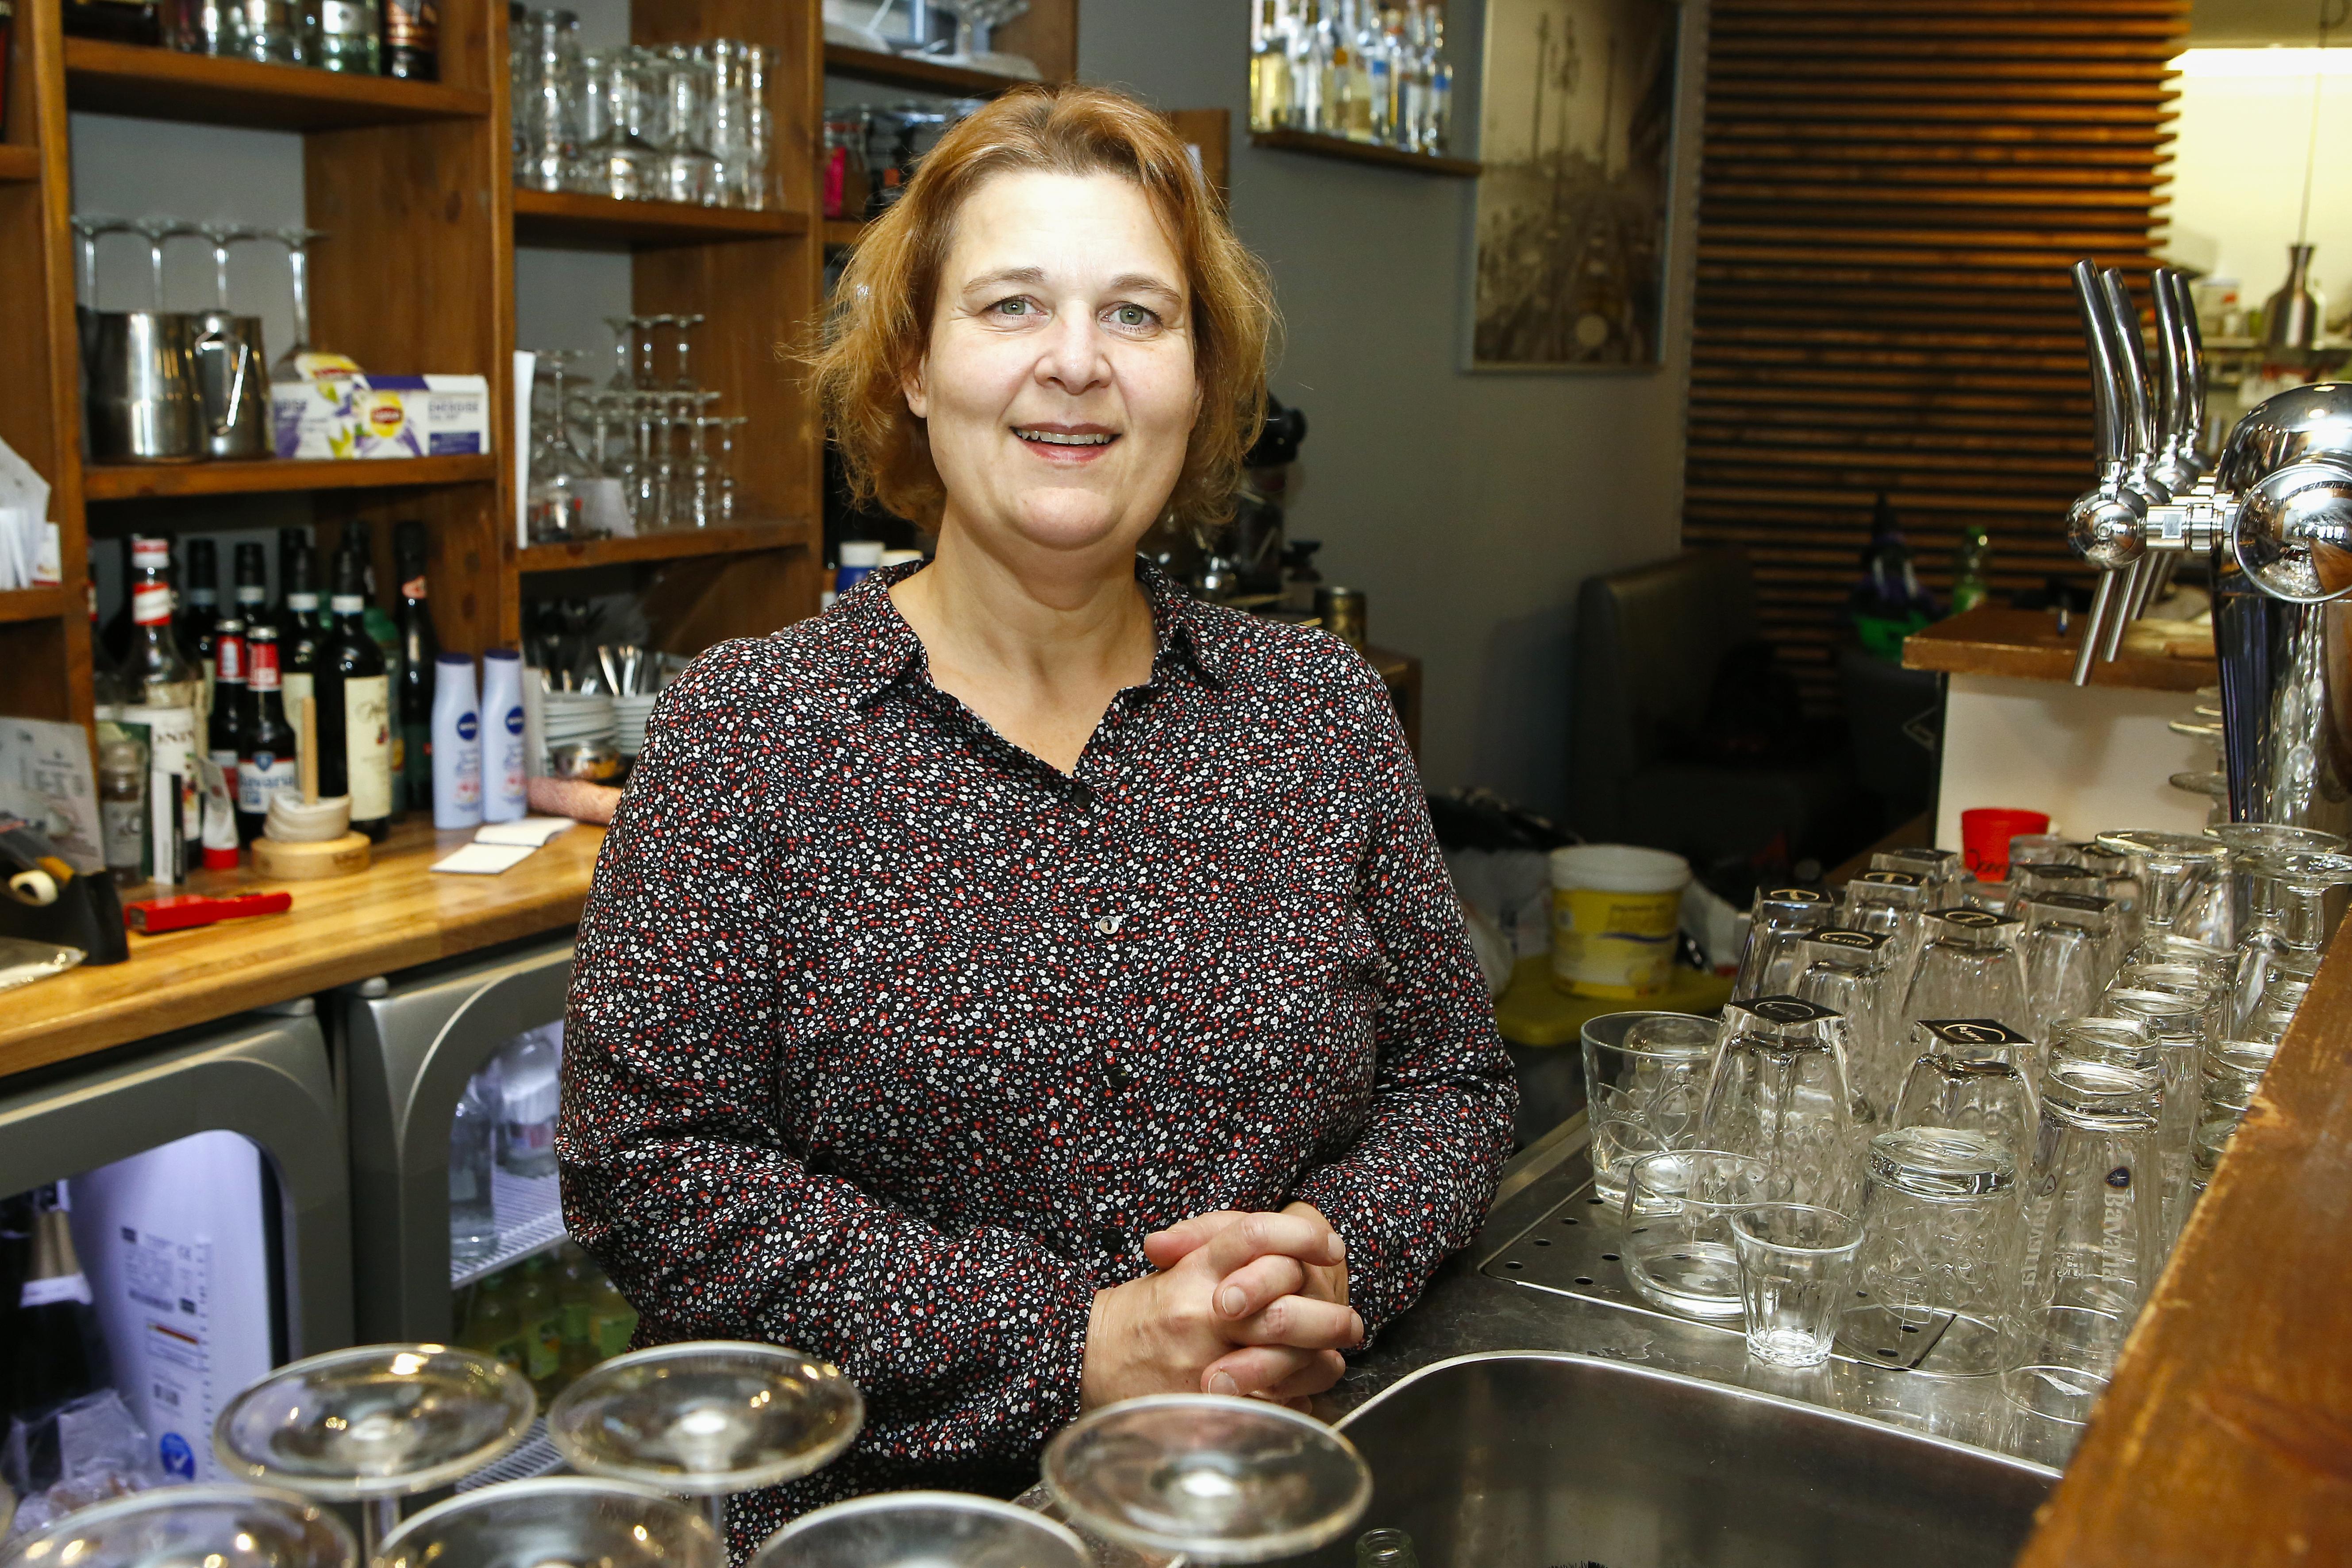 Noodkreet van voorzitter Weesper horeca-ondernemers: 'Weesper horeca heeft meer steun van eigen inwoners nodig'